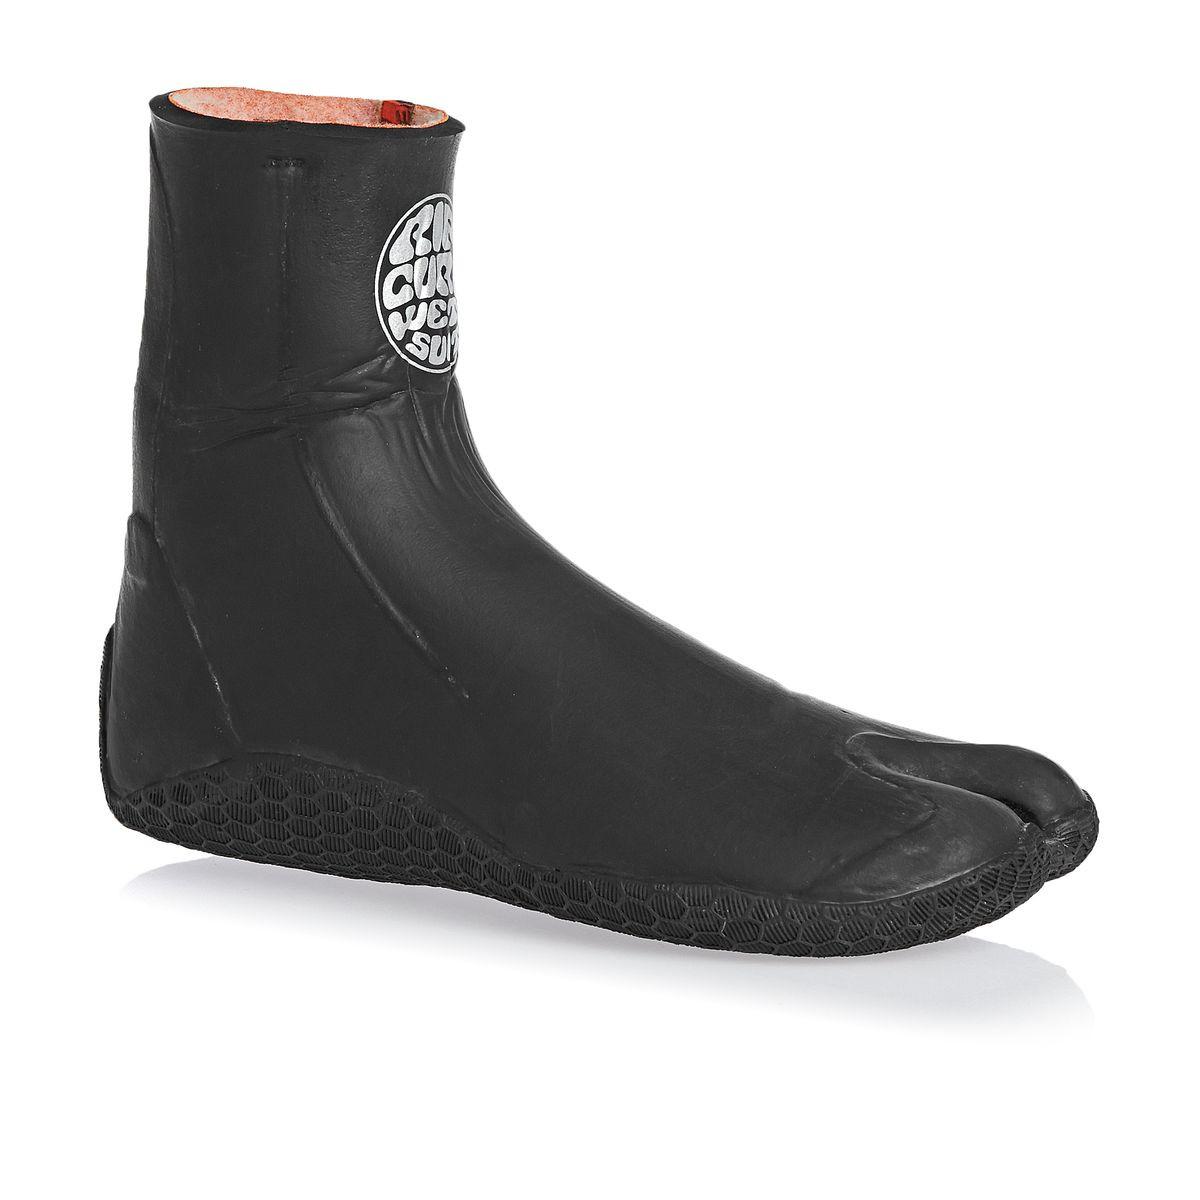 Rip Curl Rubber Soul Plus 5mm Split Toe Wetsuit Boots - Black